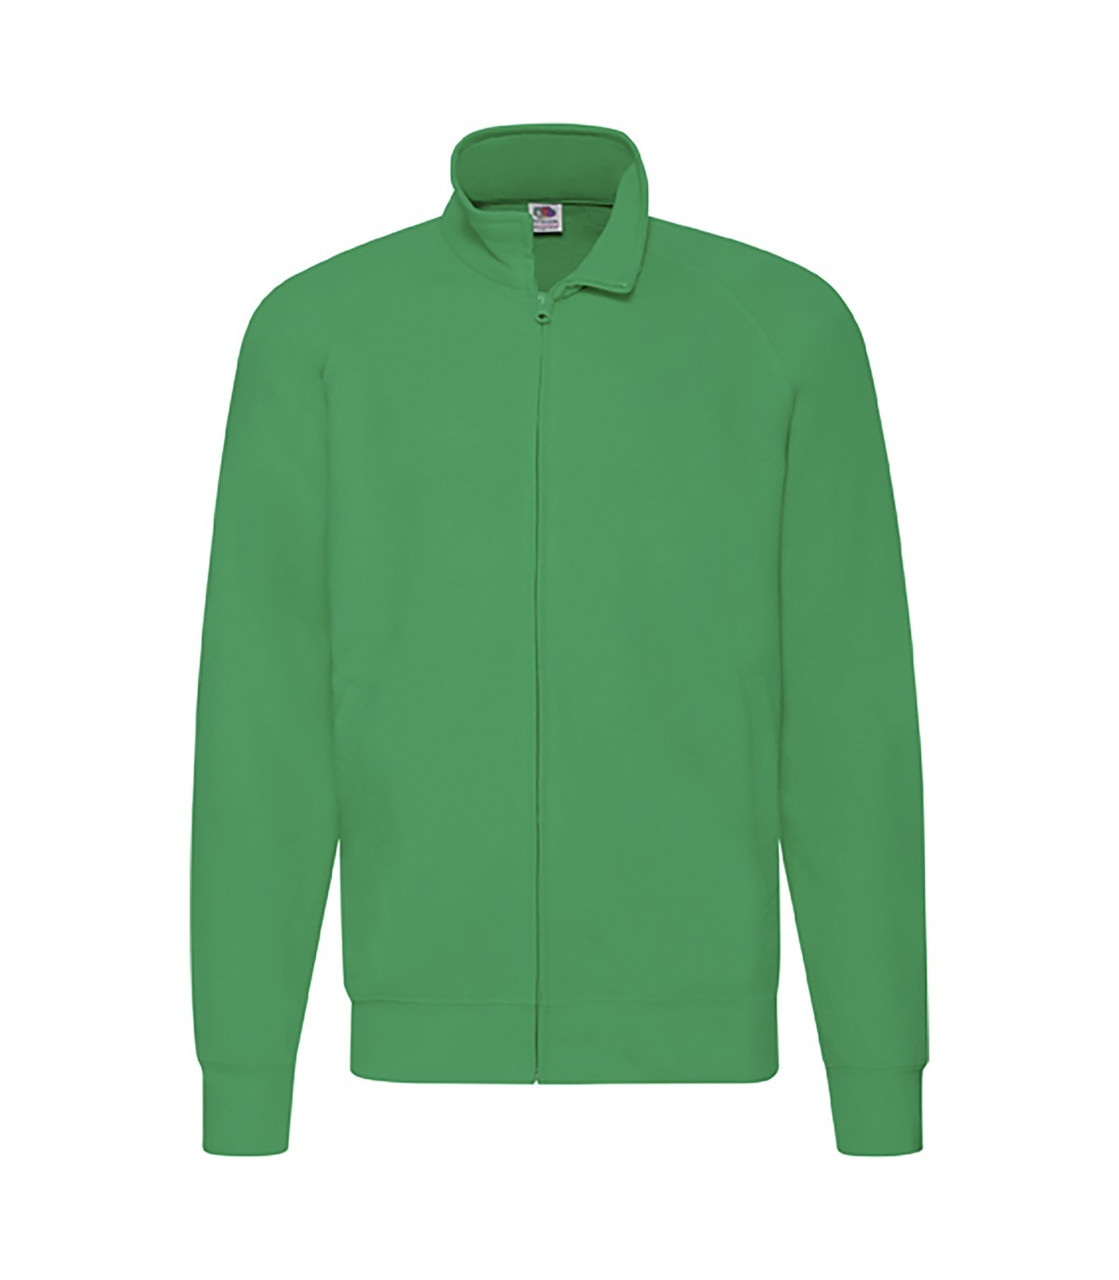 Мужская легкая кофта на молнии зеленая 160-47